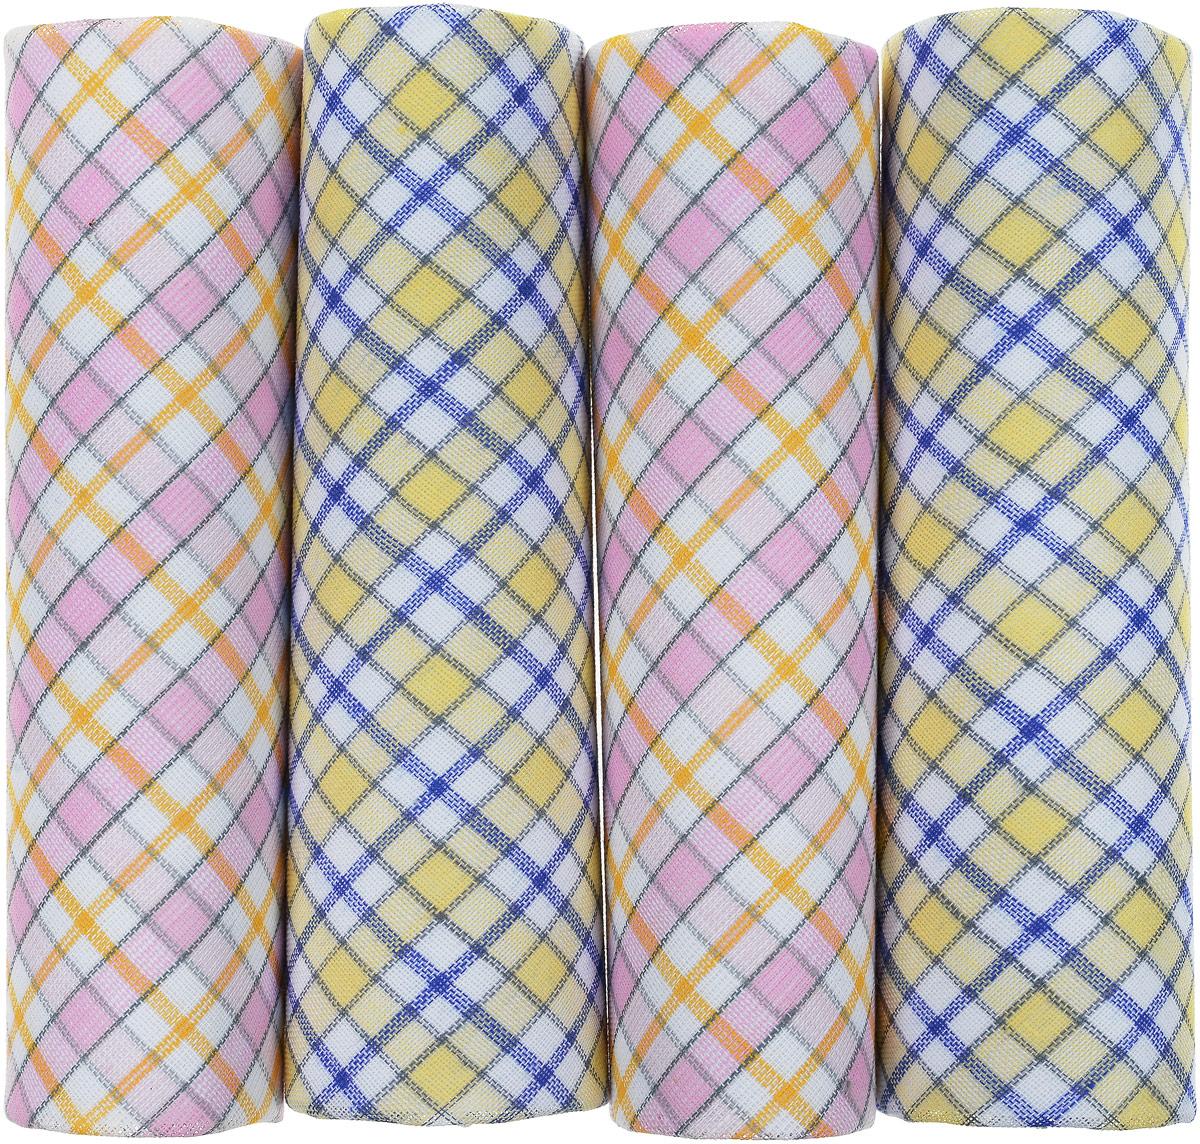 Носовой платок женский Zlata Korunka, цвет: желтый, синий, розовый. Размер 28 х 28 см, 4 шт71420_желтый, голубой, розовыйЖенский носовой платок Zlata Korunka изготовлен из высококачественного натурального хлопка, благодаря чему приятен в использовании, хорошо стирается, не садится и отлично впитывает влагу. Практичный и изящный носовой платок будет незаменим в повседневной жизни любого современного человека. Такой платок послужит стильным аксессуаром и подчеркнет ваше превосходное чувство вкуса. В комплекте 4 платка.